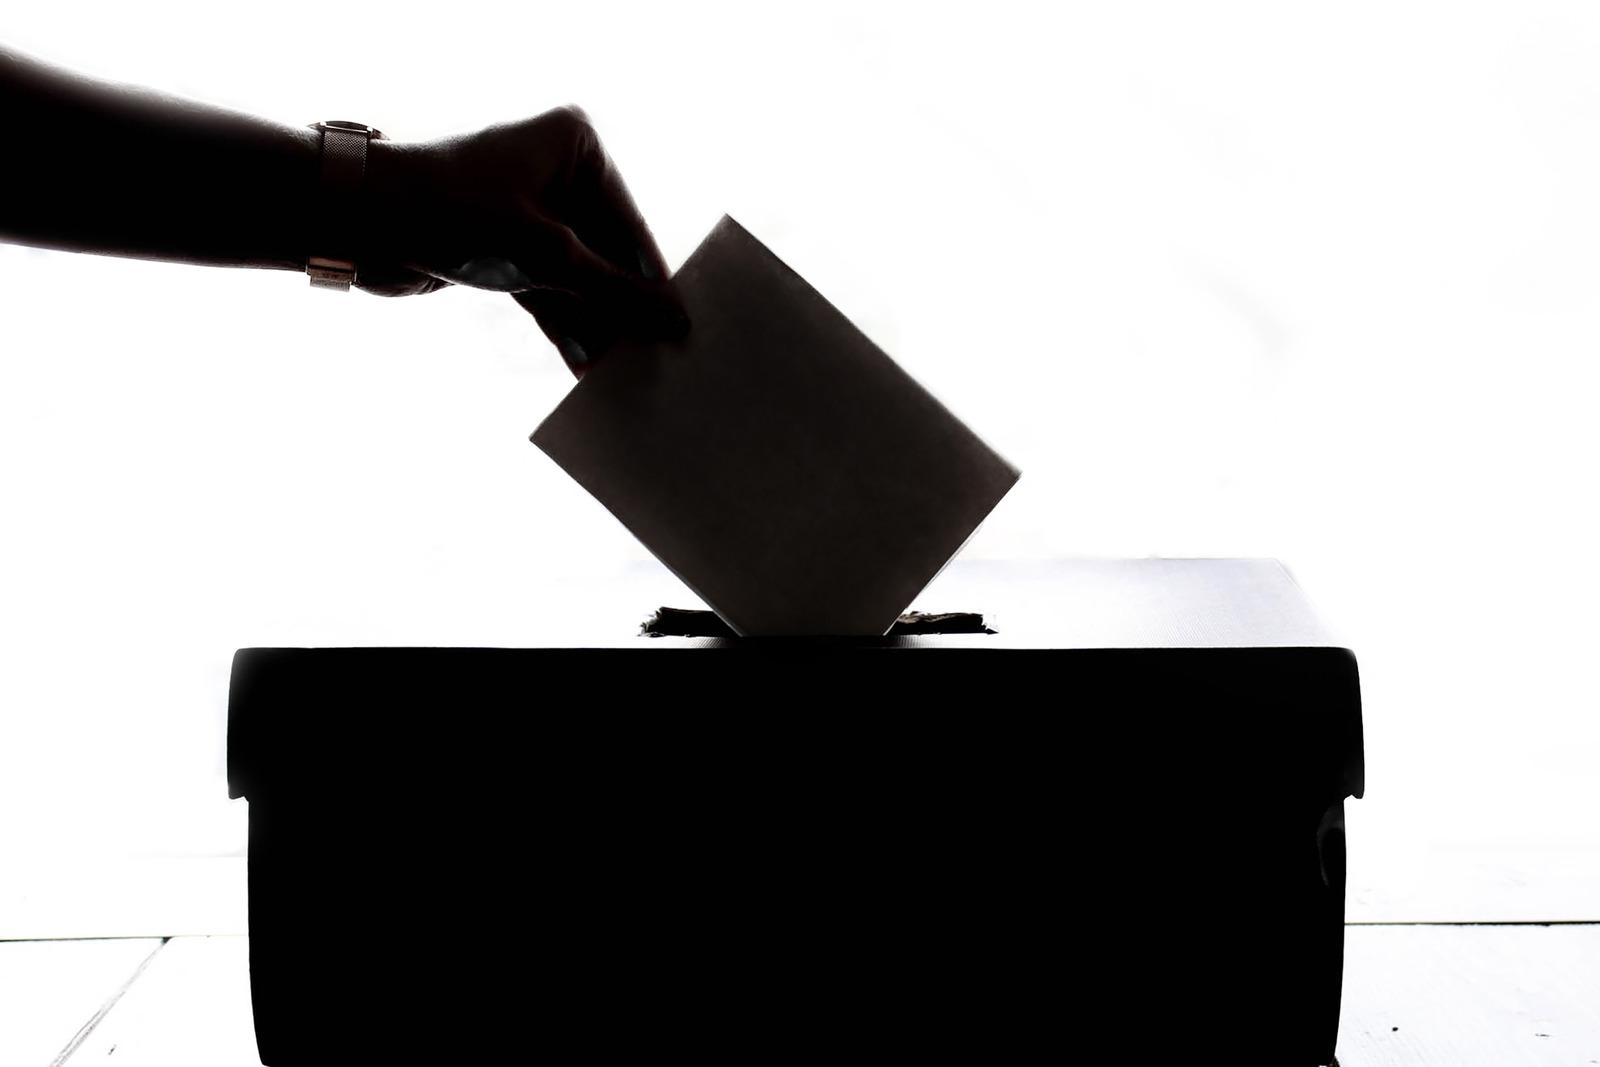 Pulso PUCP publica Pulso Electoral, su primer observatorio sobre indicadores del proceso electoral